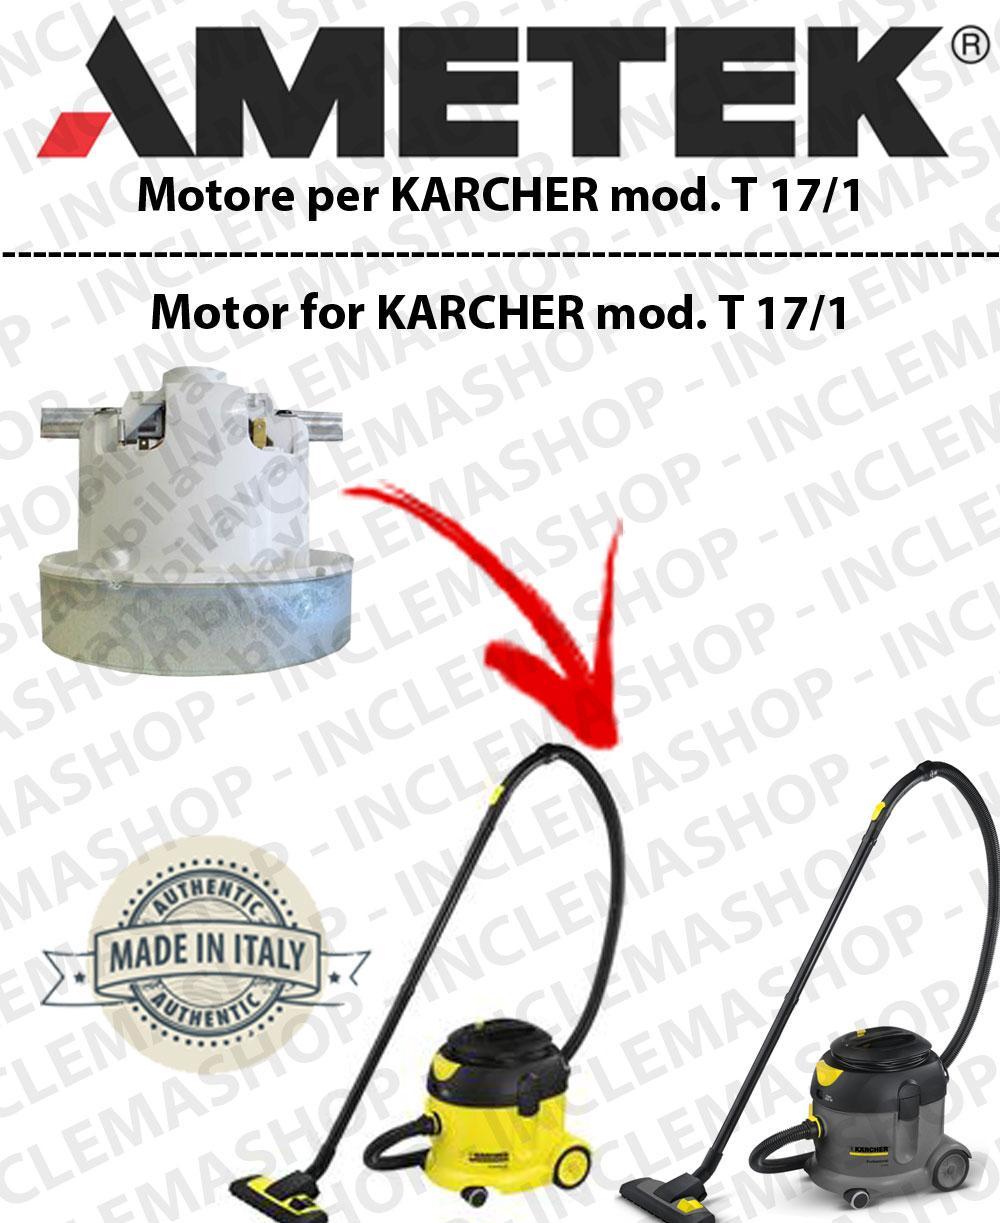 T 19/1 Saugmotor AMETEK für Staubsauger KARCHER